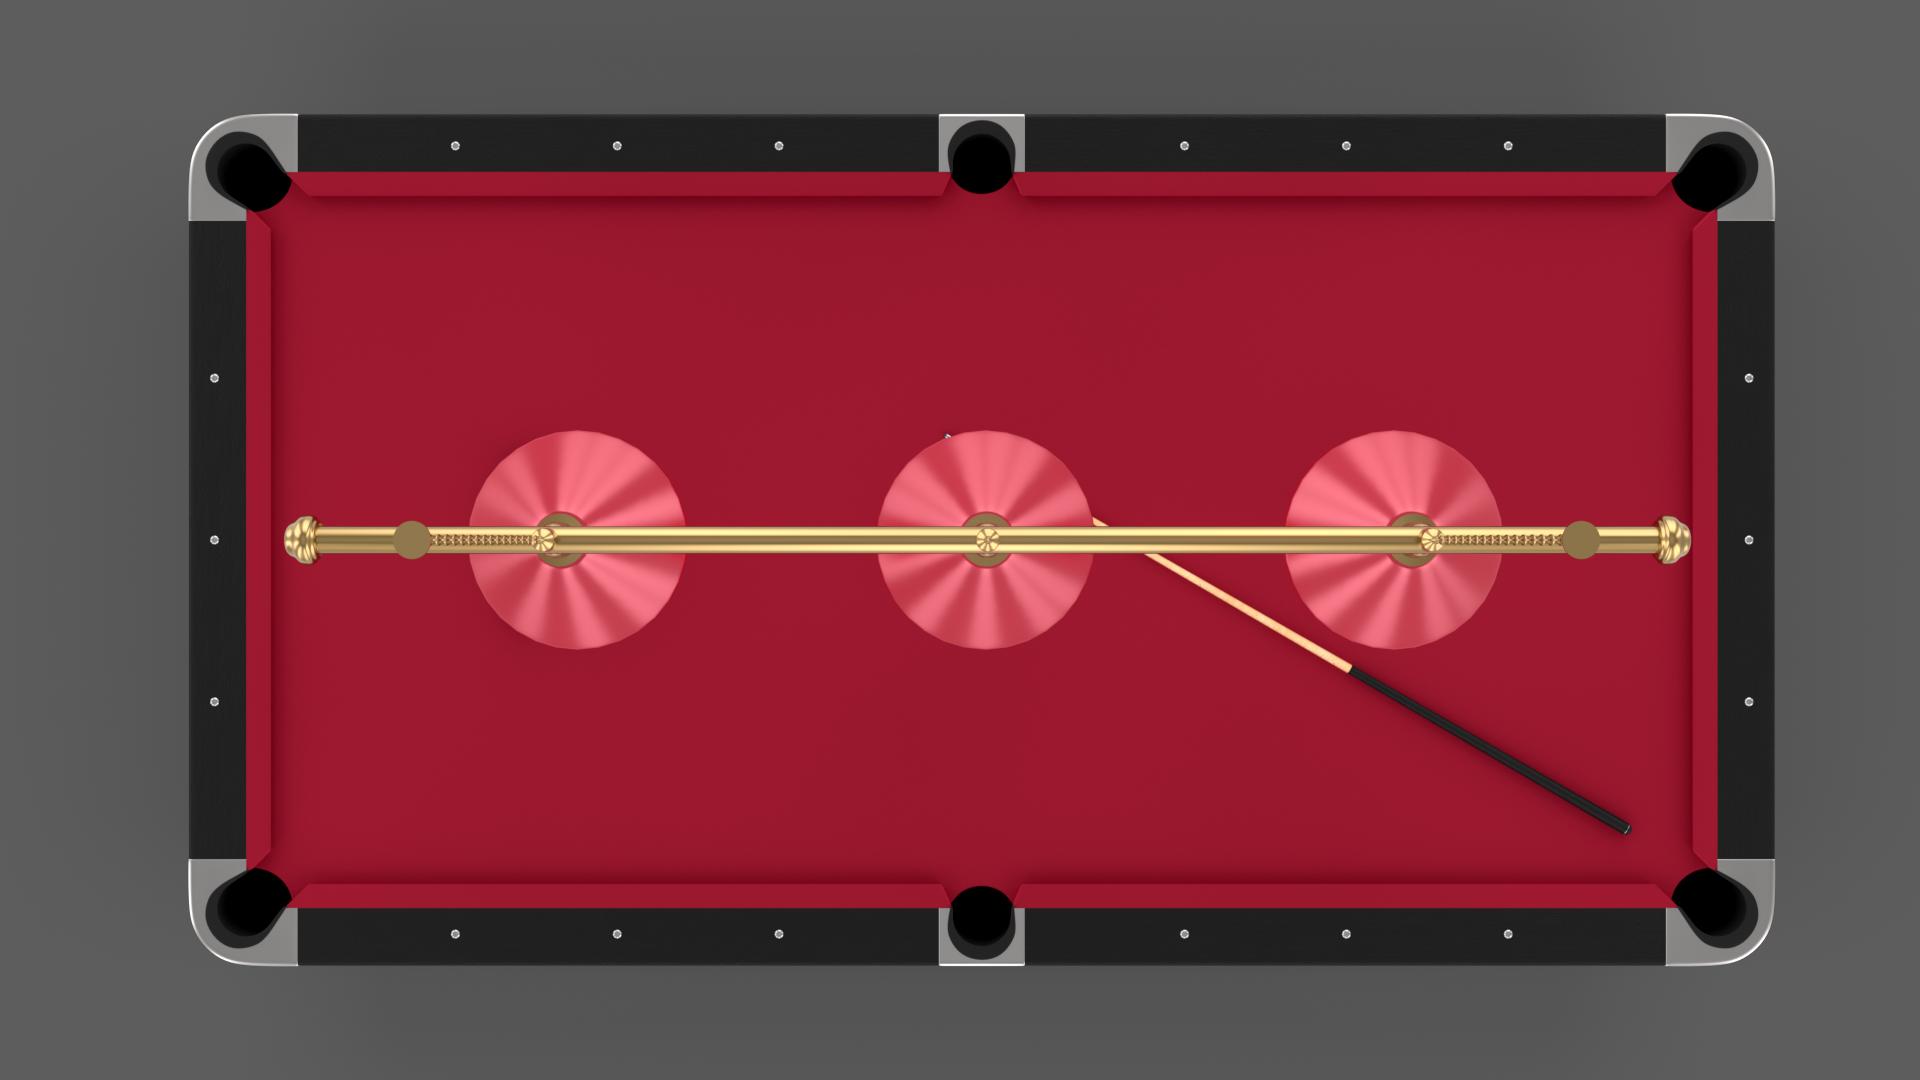 8 Ball Pool Table Setting Red Pool Table Pool Balls Table Settings